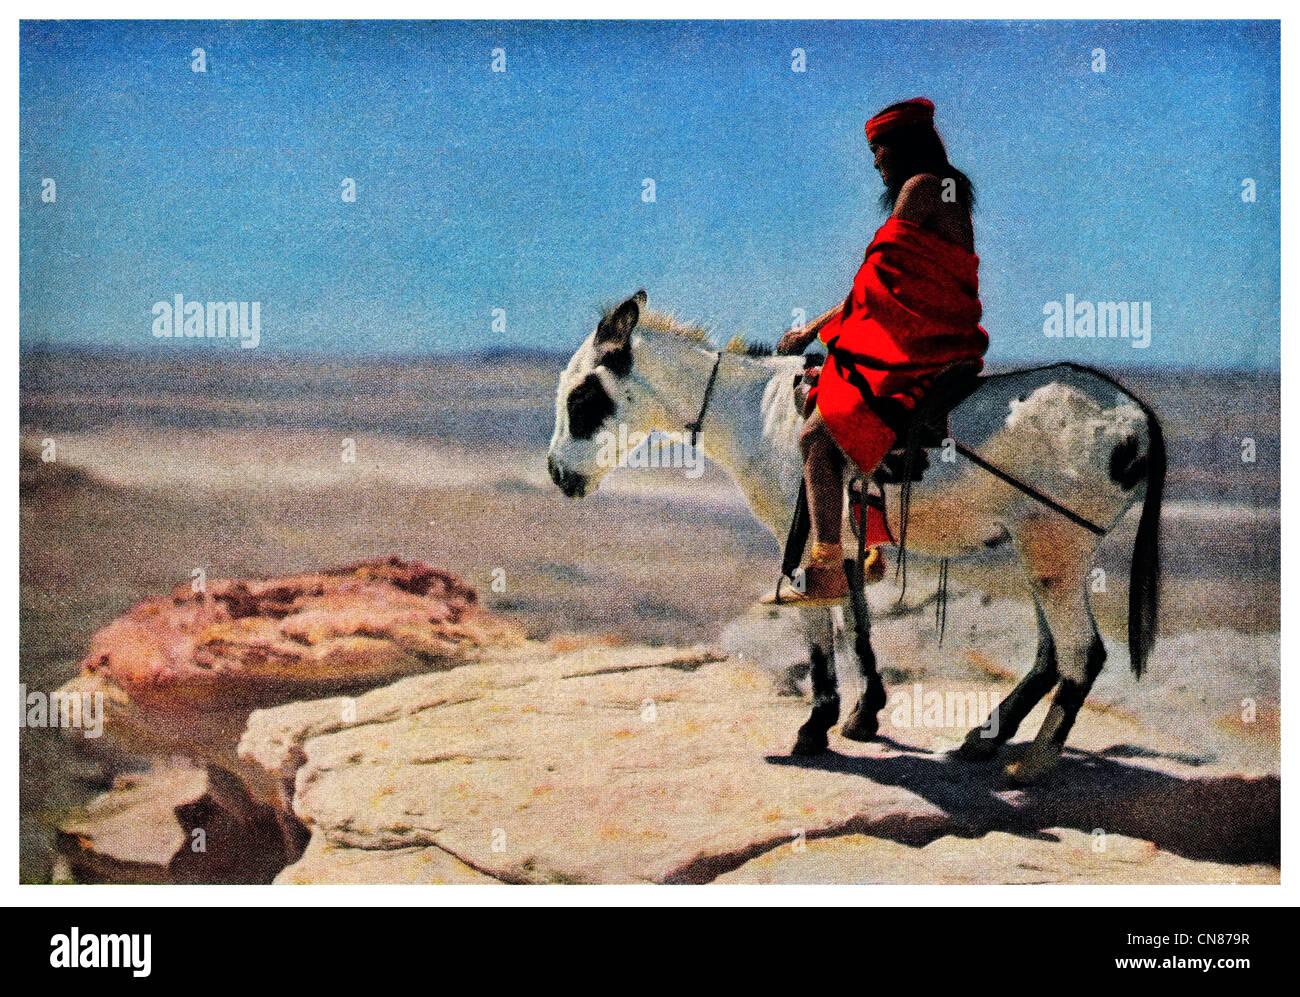 Publicado por primera vez en 1916 la tribu de indios Hopi jinete pálido aldea Walapai de Arizona Imagen De Stock